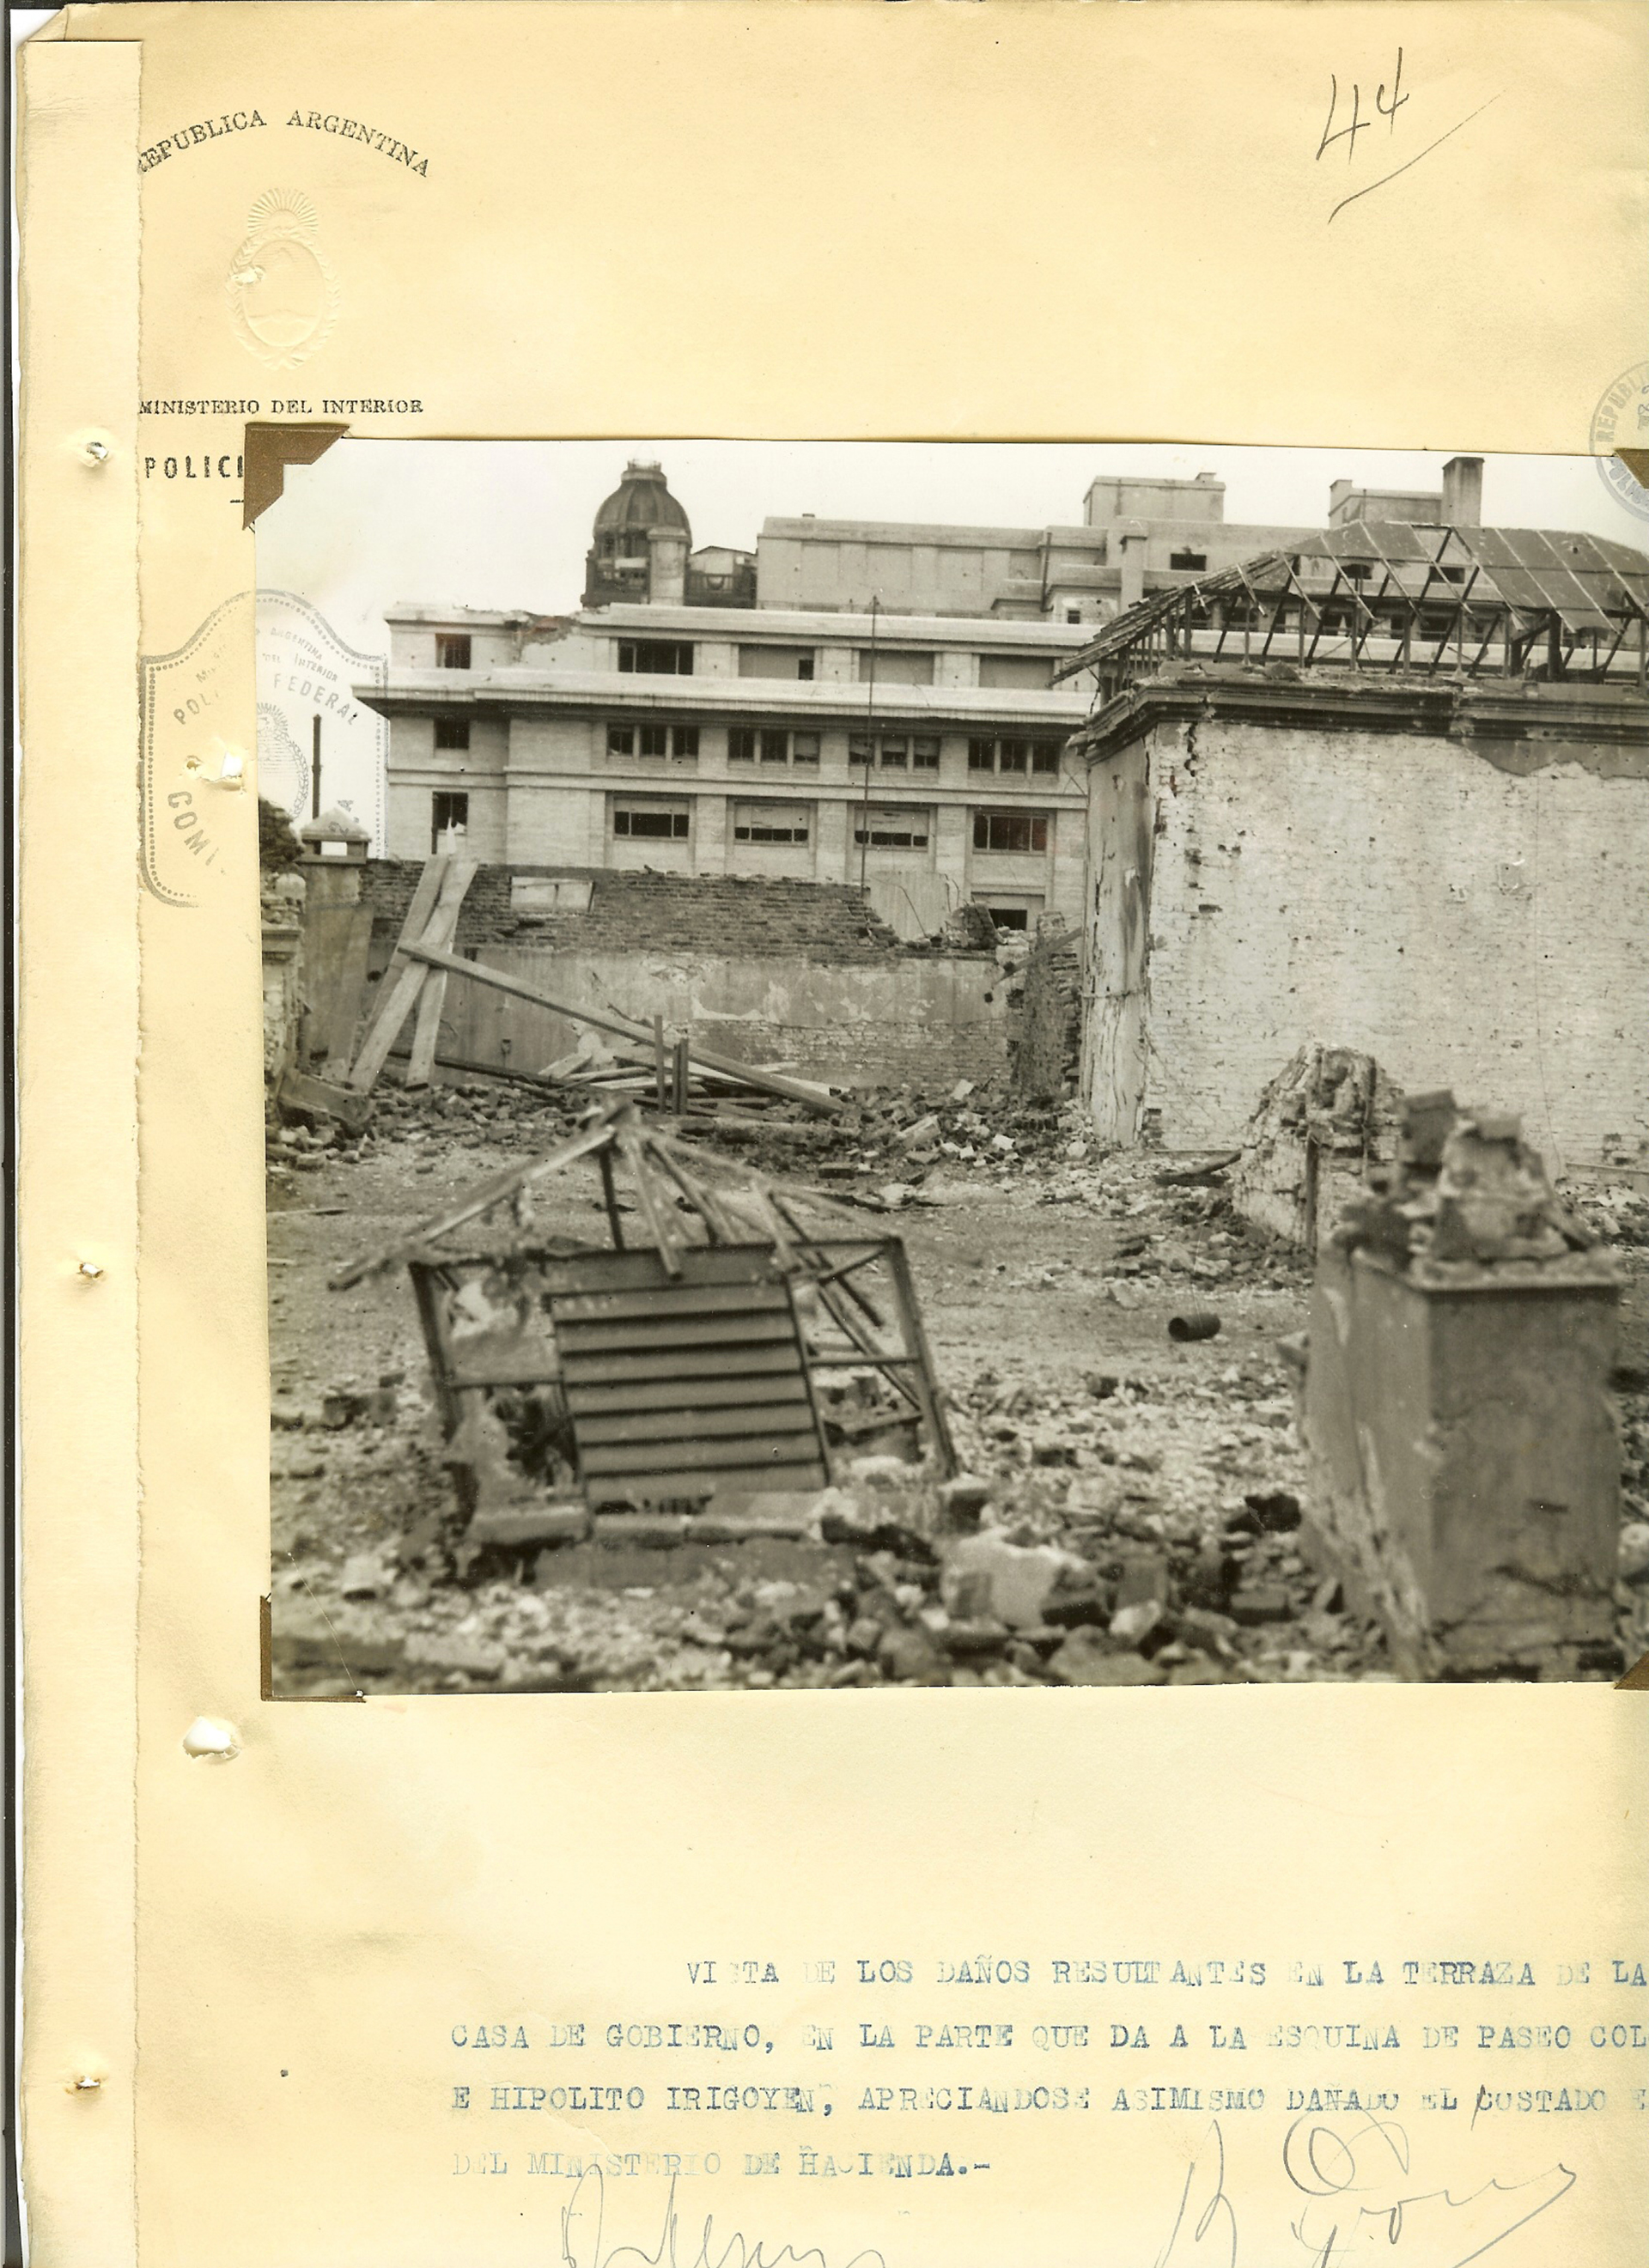 Escombros en la terraza de la Casa Rosada. Perón sería derrocado meses después.